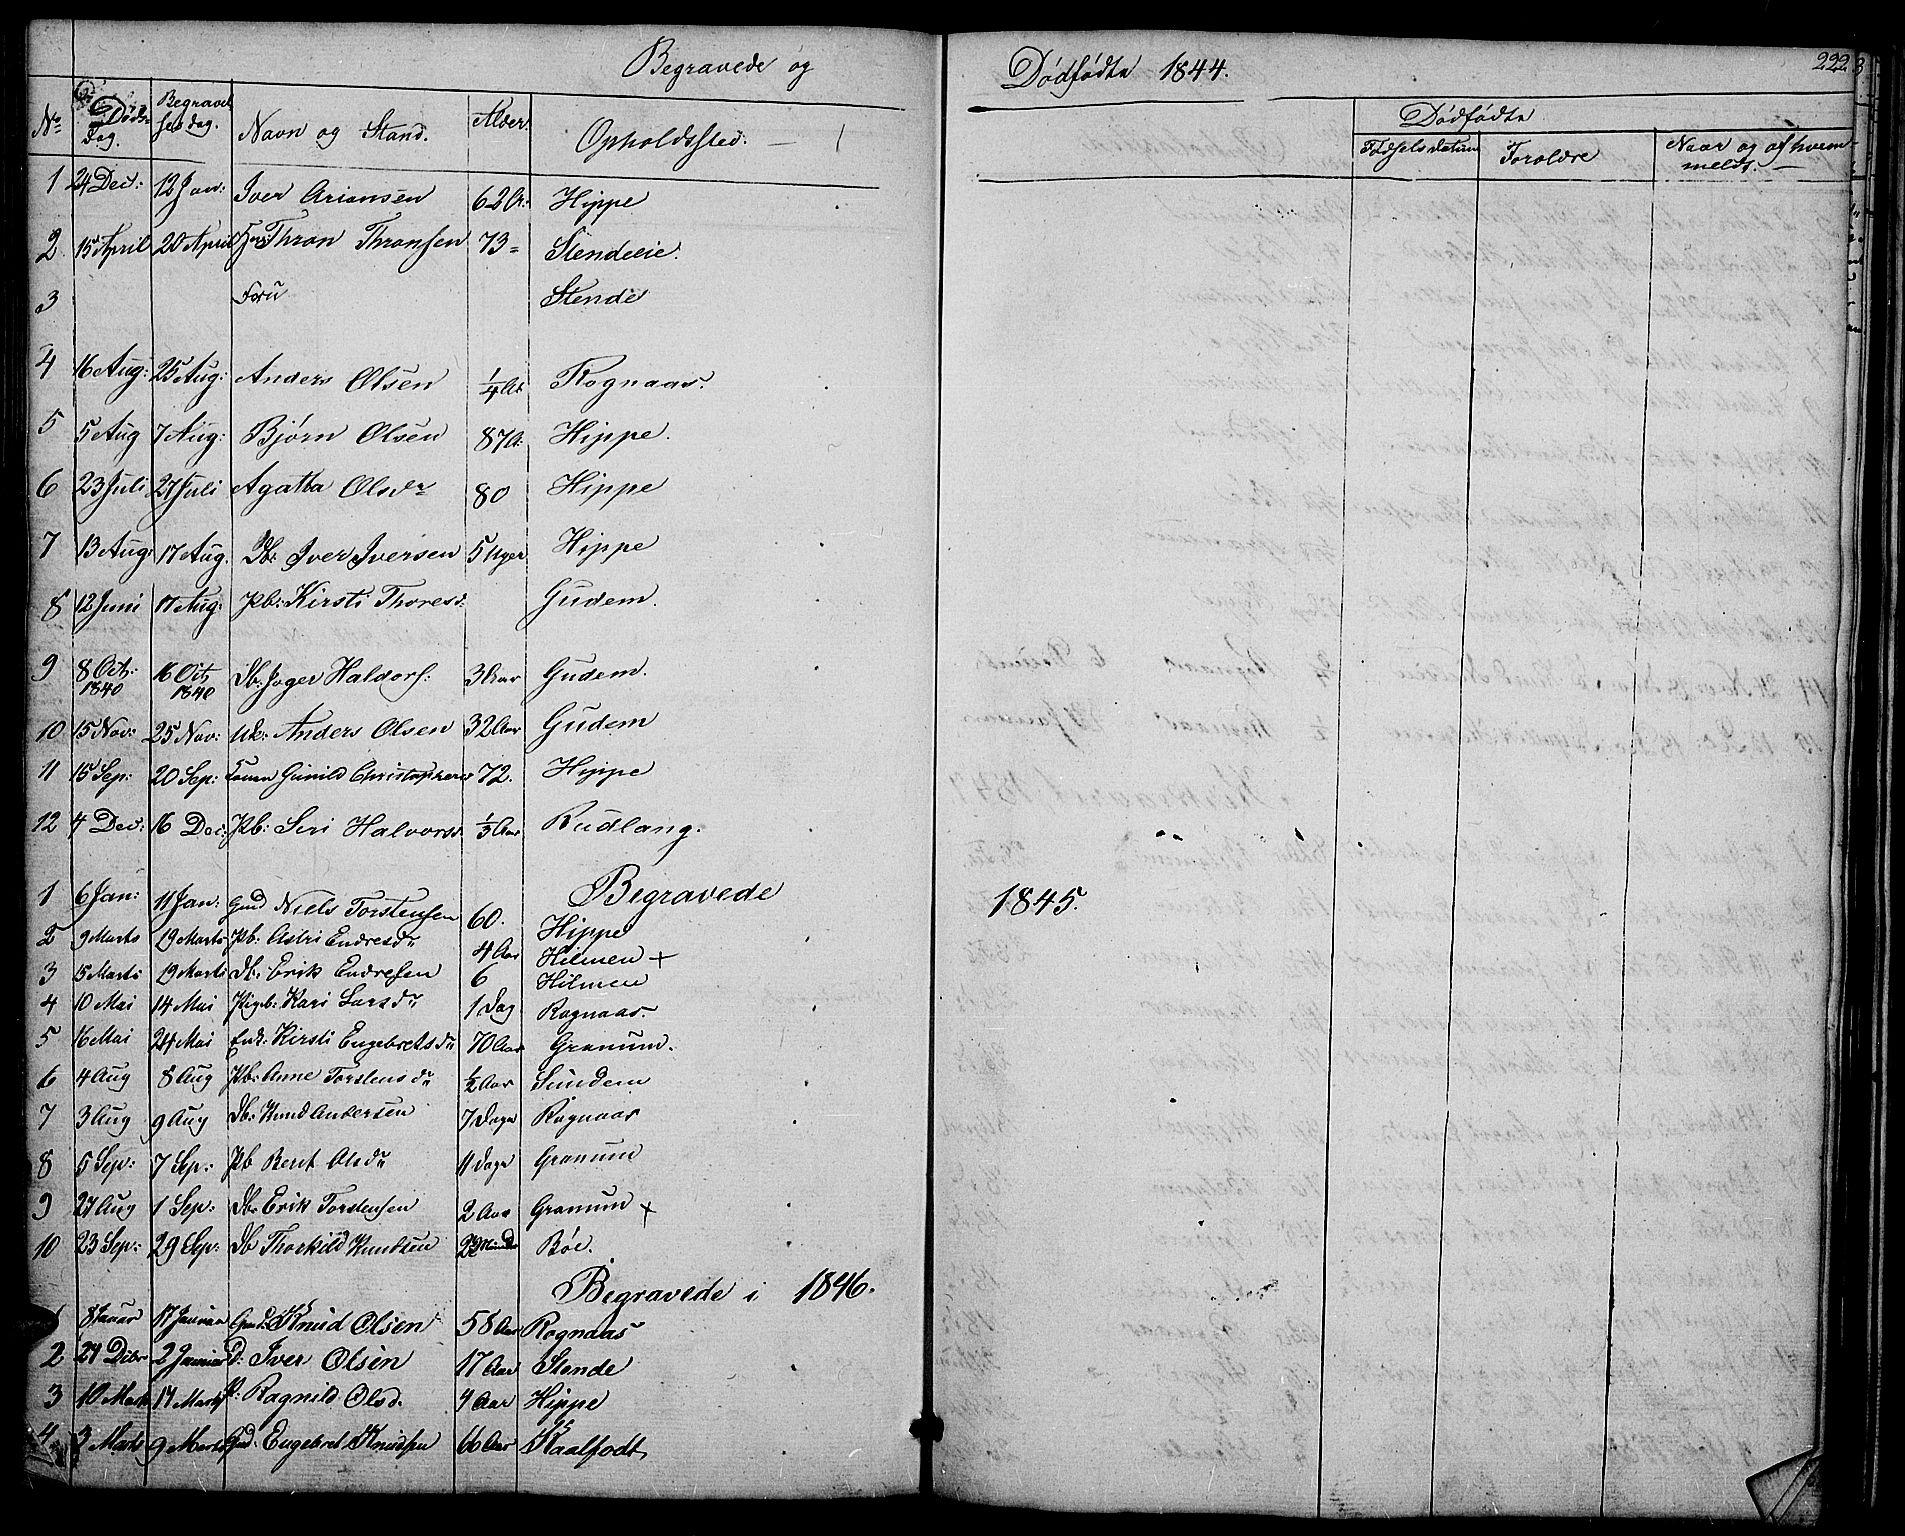 SAH, Nord-Aurdal prestekontor, Klokkerbok nr. 4, 1842-1882, s. 222